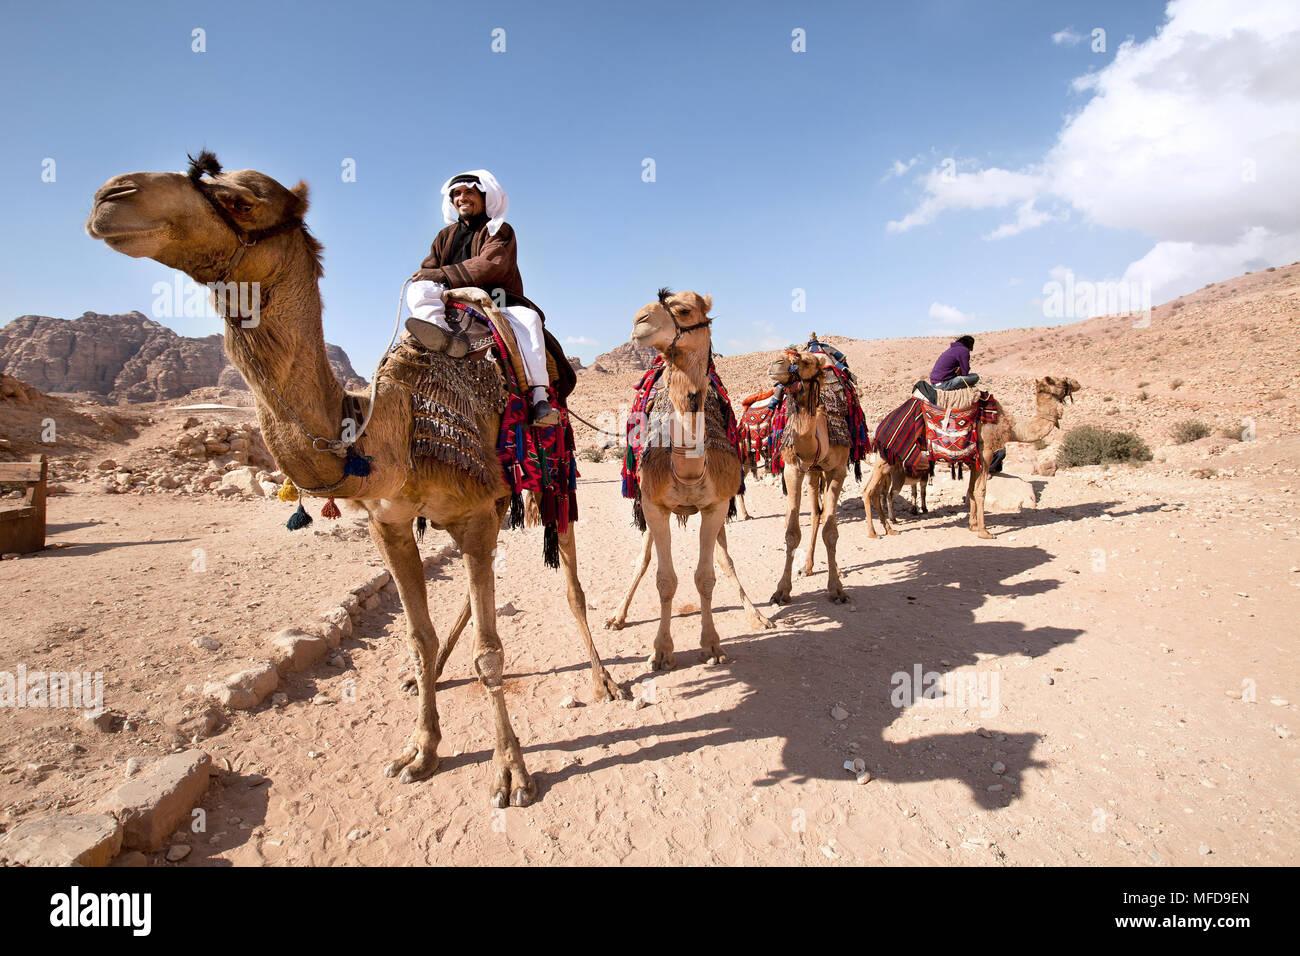 Retrato de un adinerado beduinos con sus camellos en el desierto Imagen De Stock